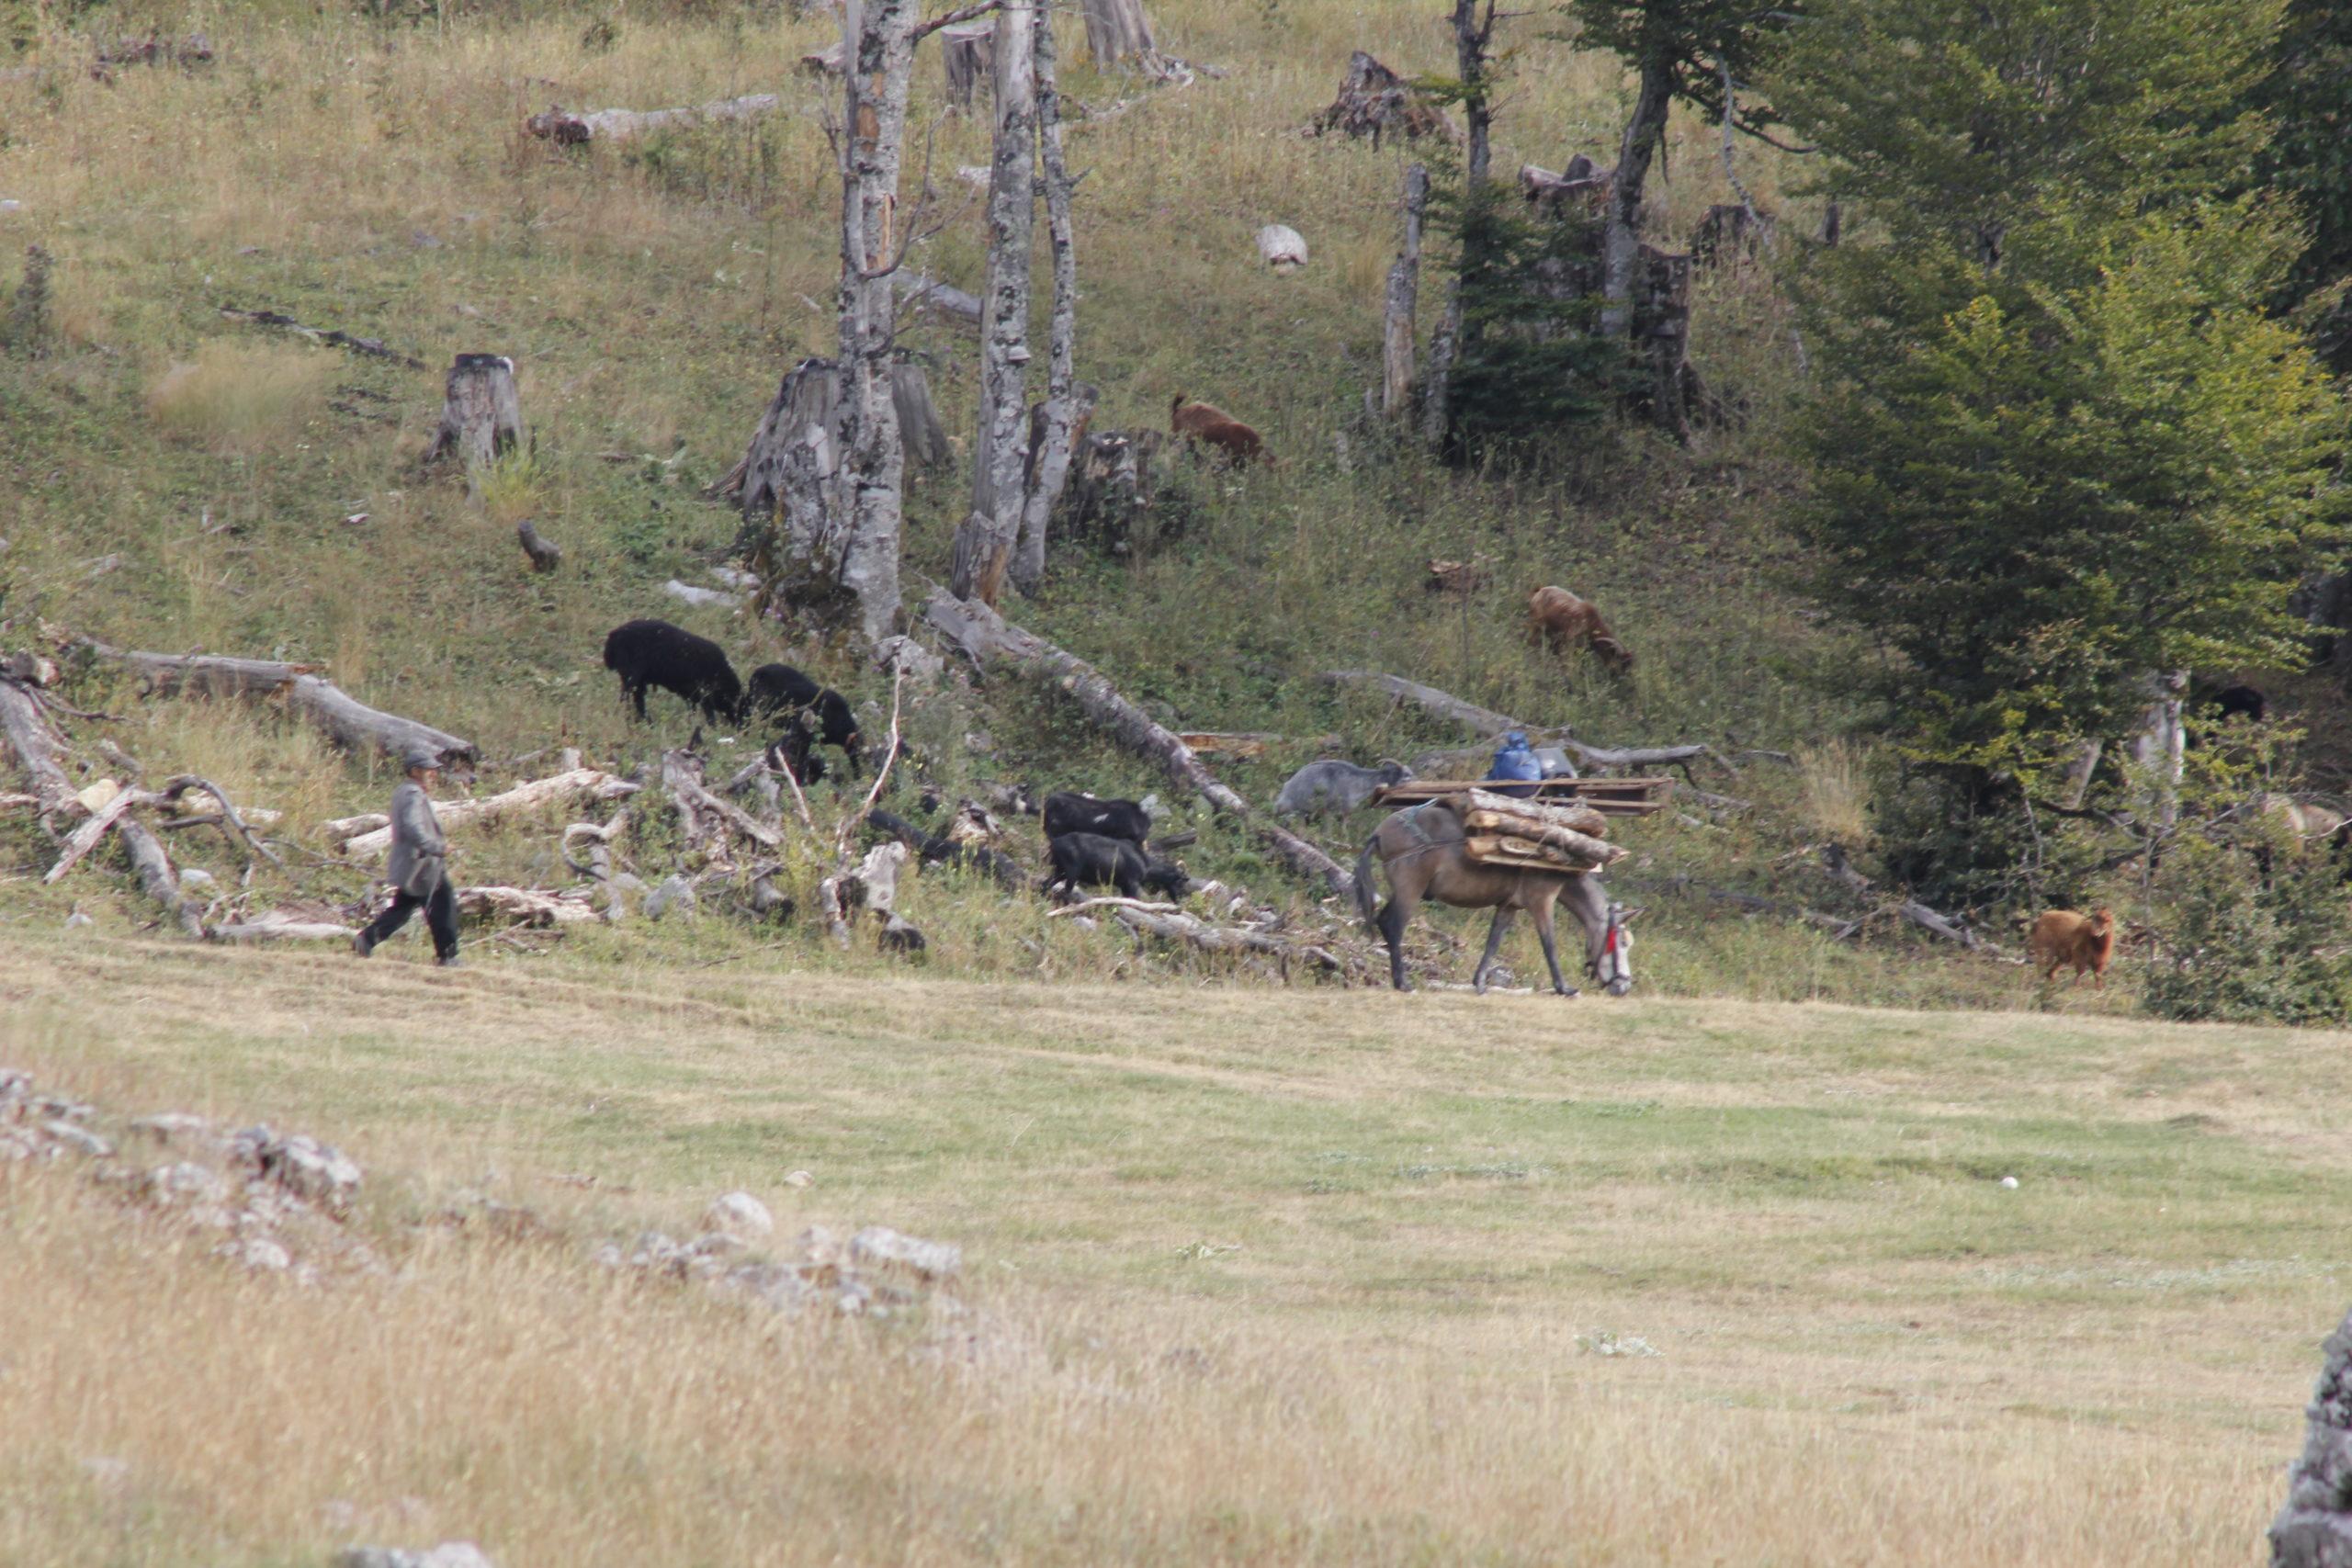 4x4 Abenteuerreise: Albanien so nah und doch so fremd 3